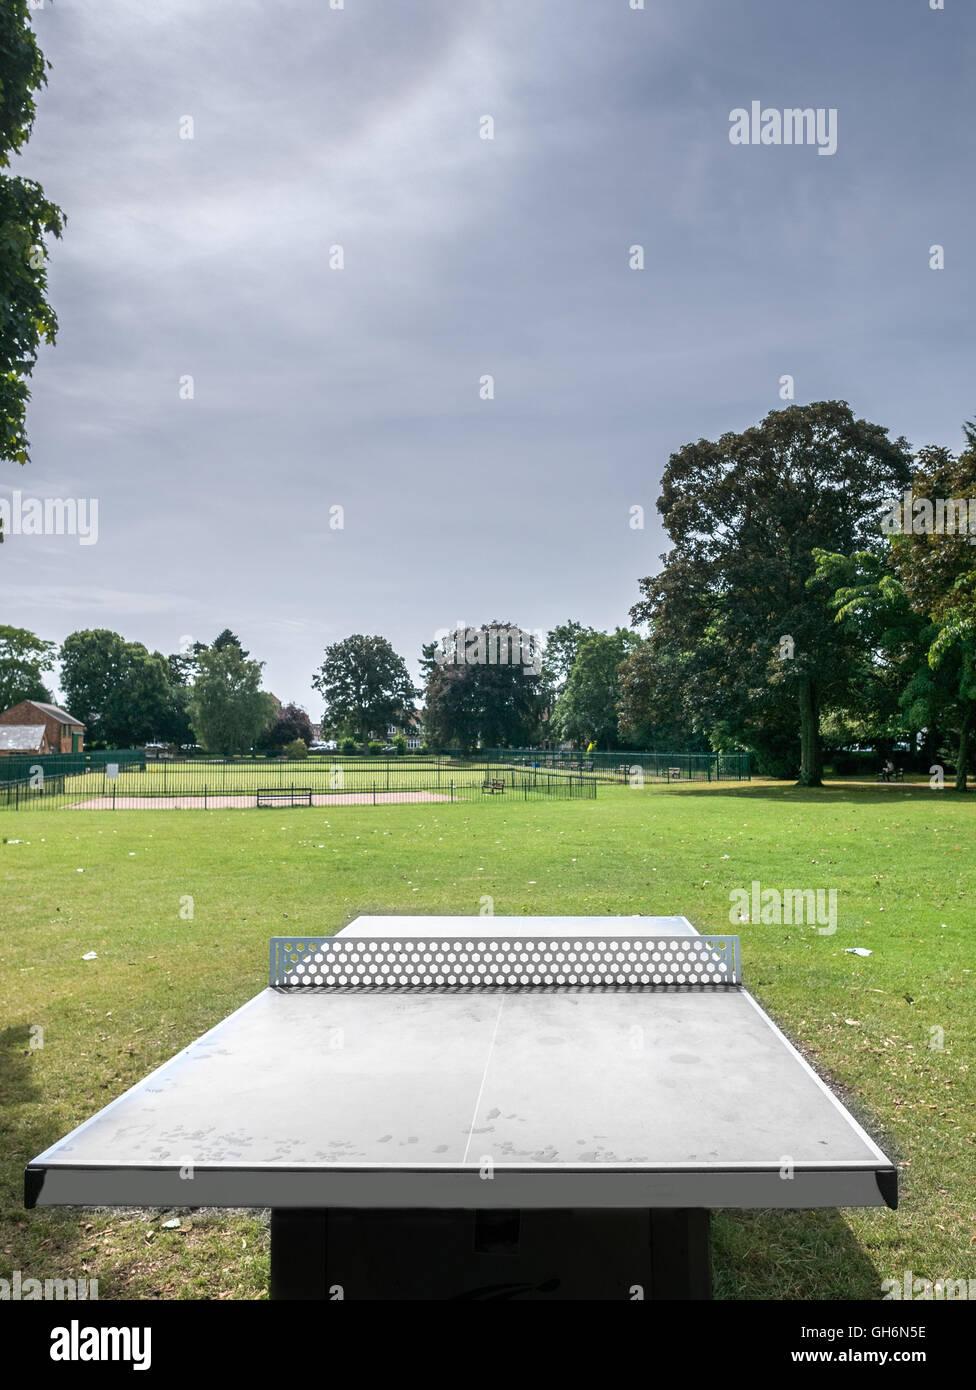 Instalación deportiva en Abington park, el parque más grande de Northampton, Inglaterra. Imagen De Stock